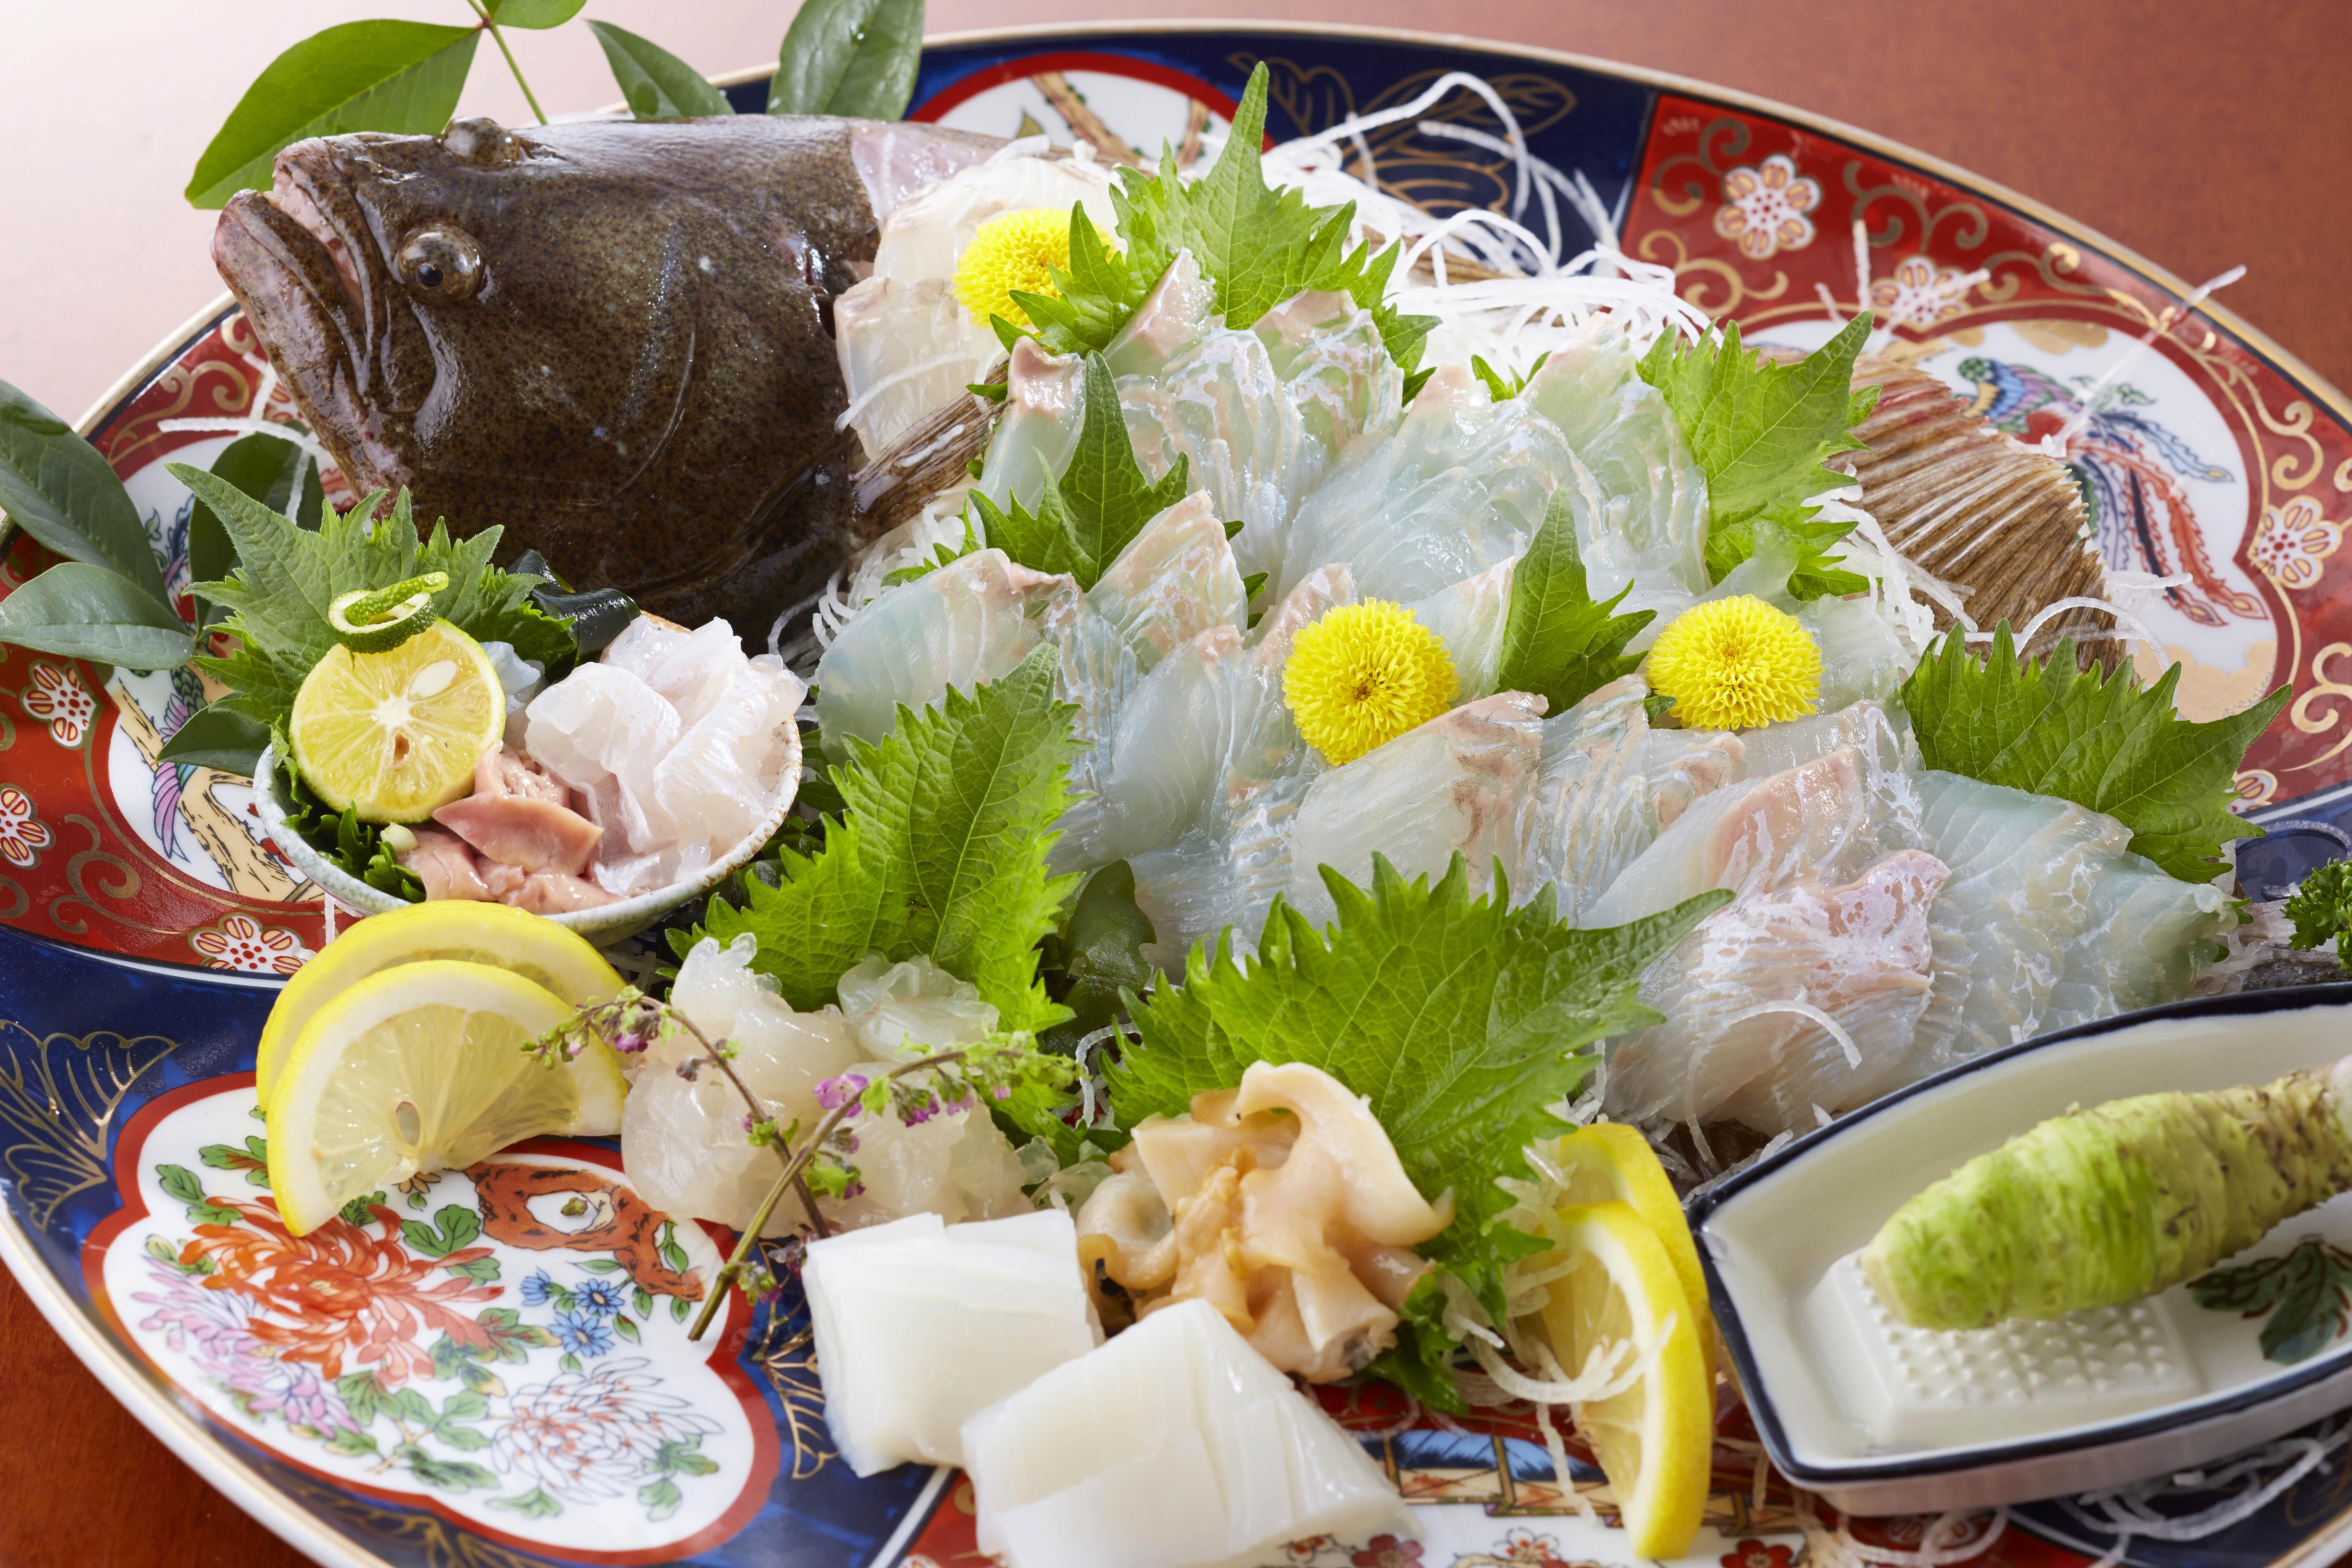 漁協の仲卸が営む民宿で鮮度抜群の魚介類を食べる(C)日刊ゲンダイ